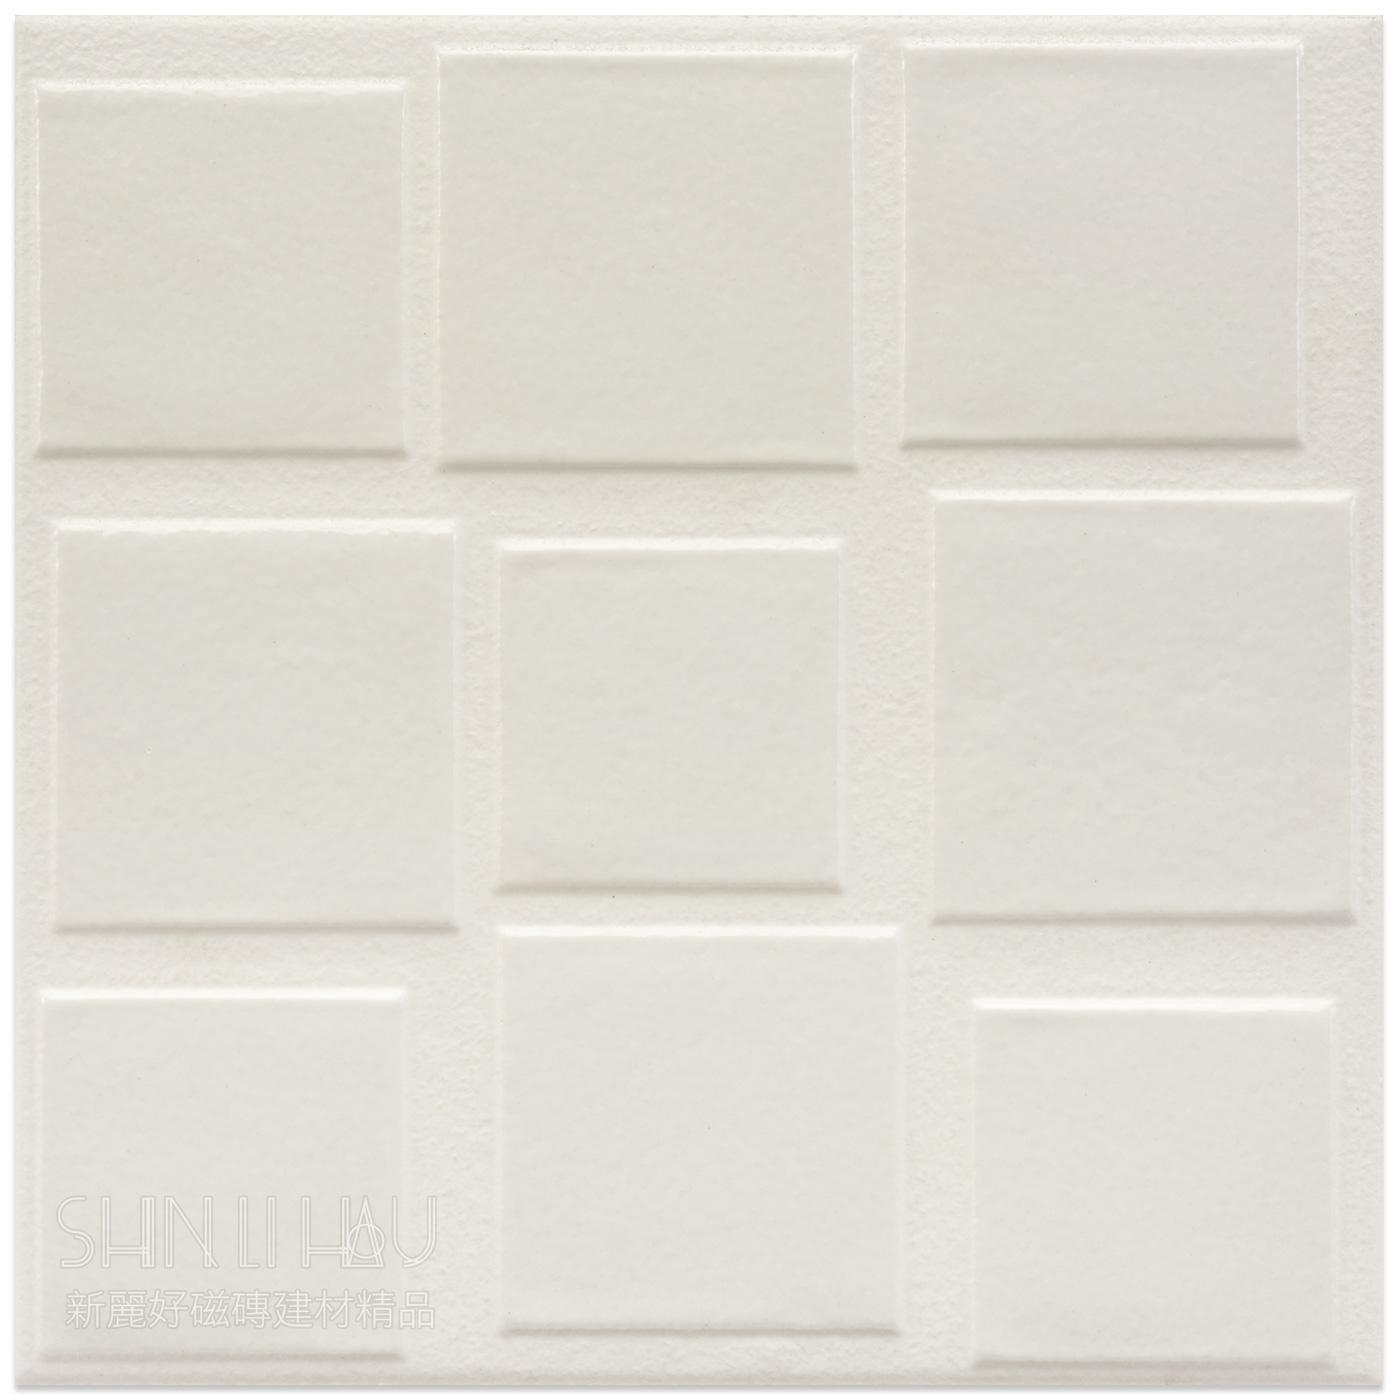 【尋寶盛會-歐洲品牌超強促銷】幾何拼貼-馬賽克型石英復古磚 - 方塊白